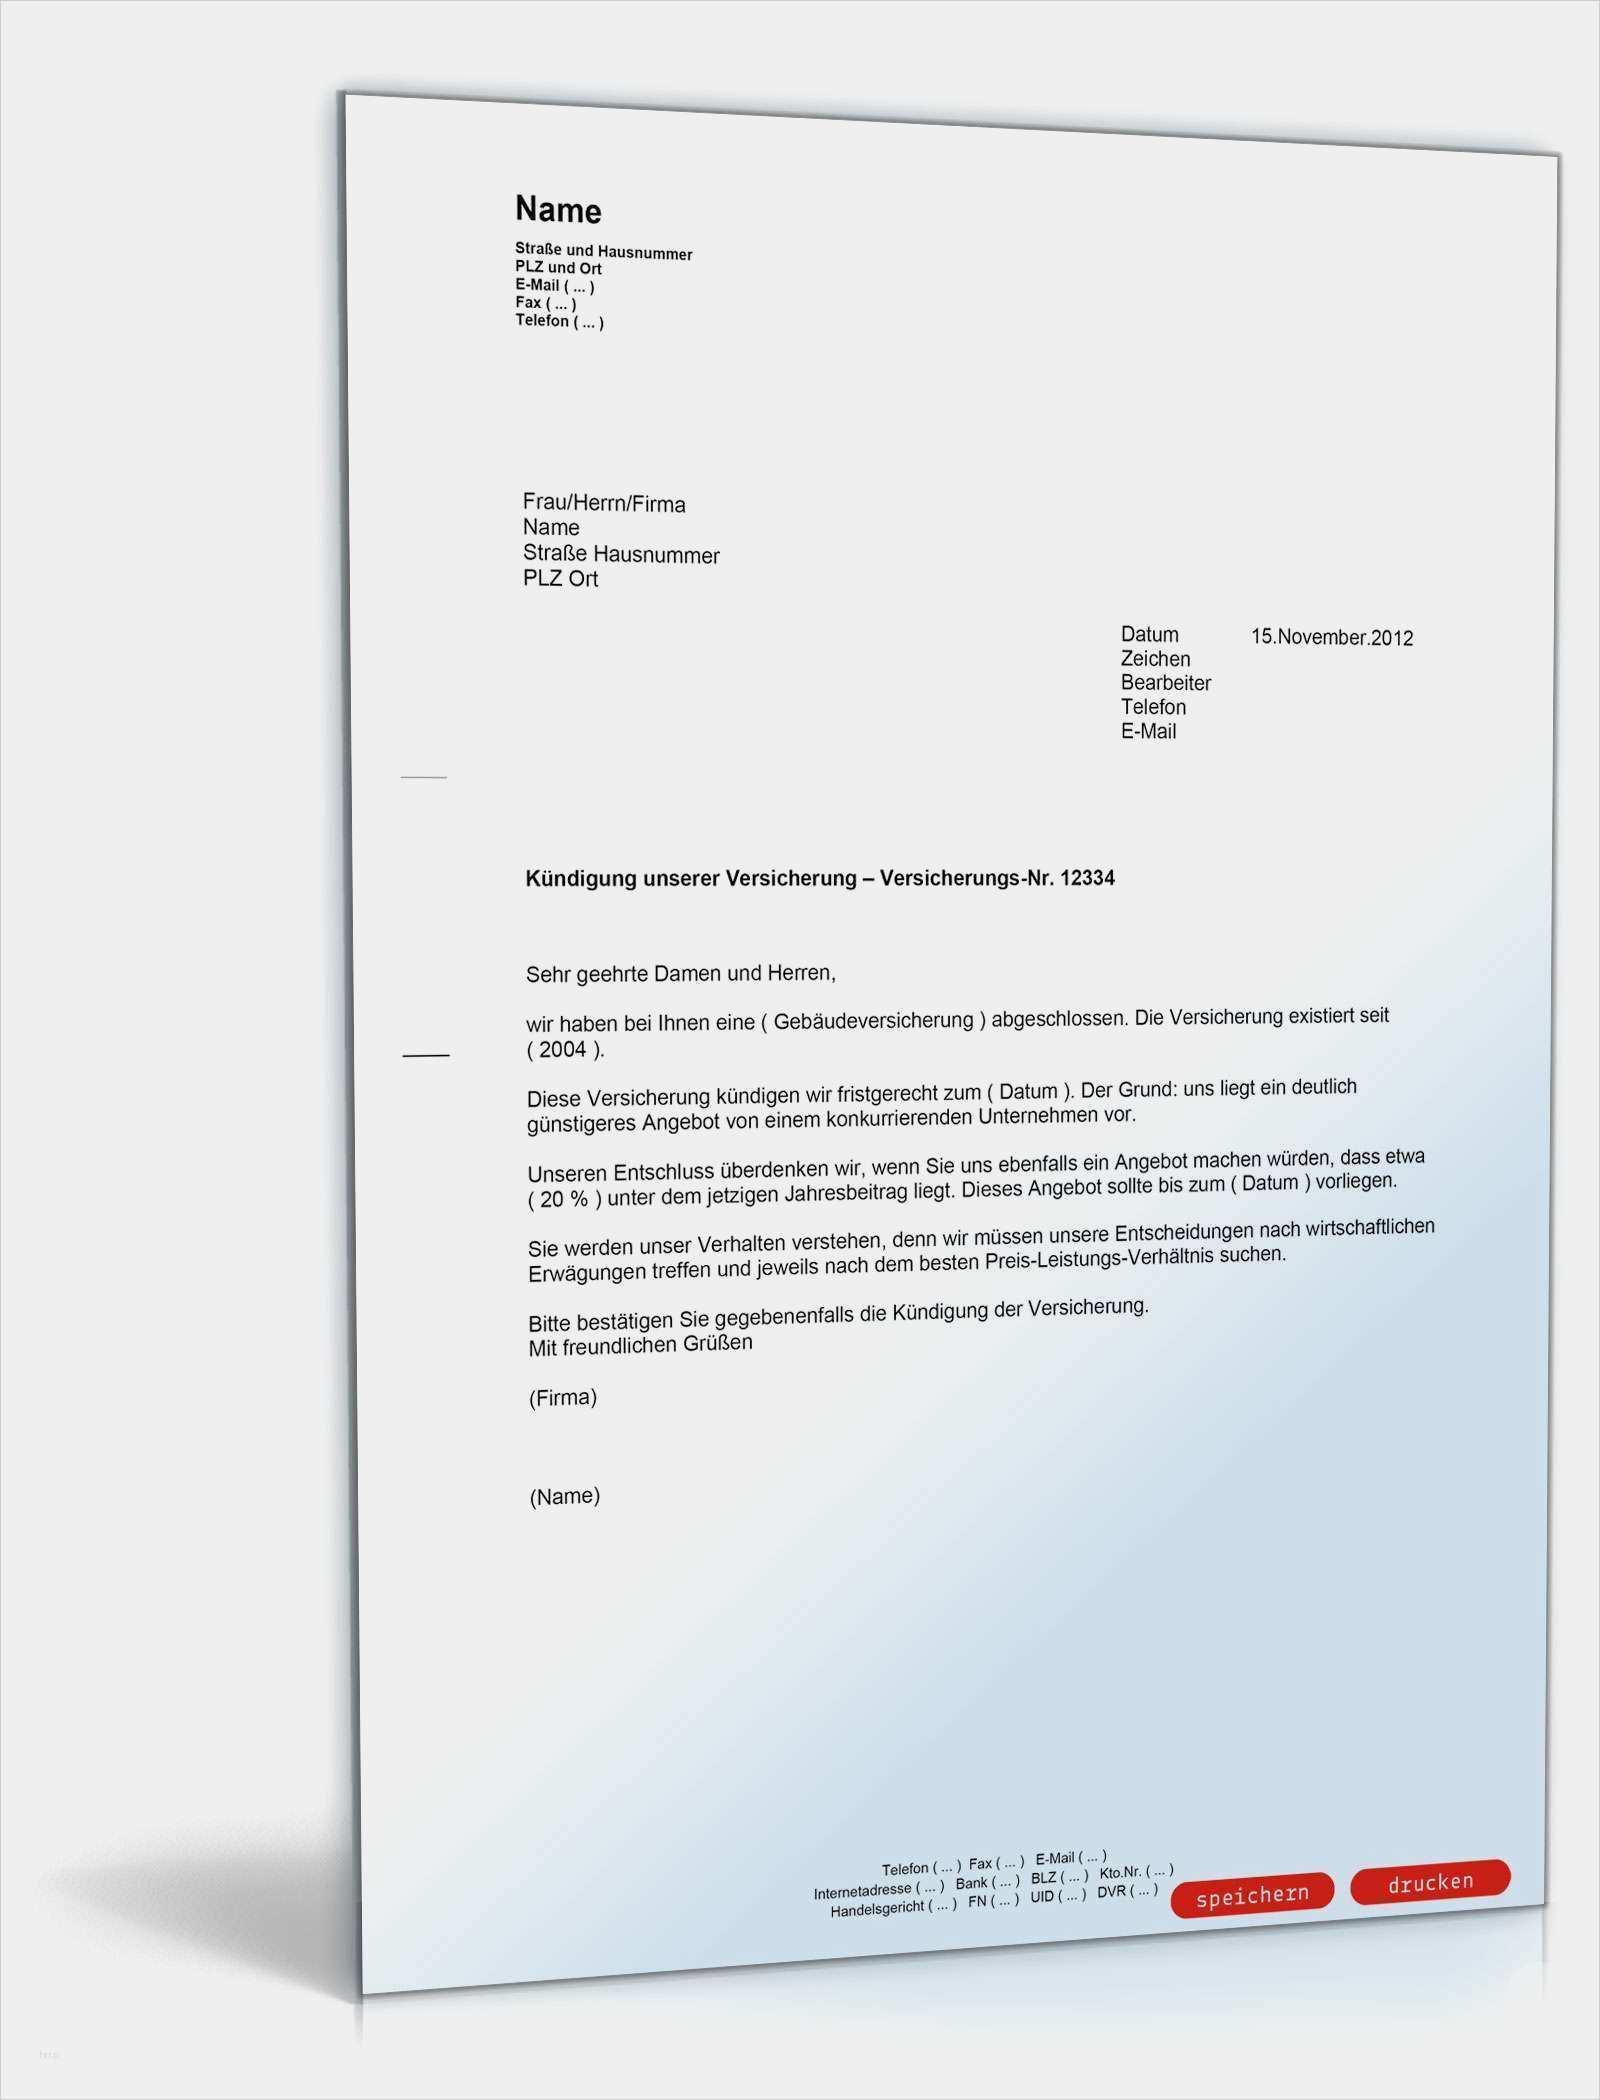 39 Inspiration Versicherung Kundigen Geld Zuruck Vorlage Abbildung Vorlagen Word Absage Bewerbung Vorlagen Lebenslauf